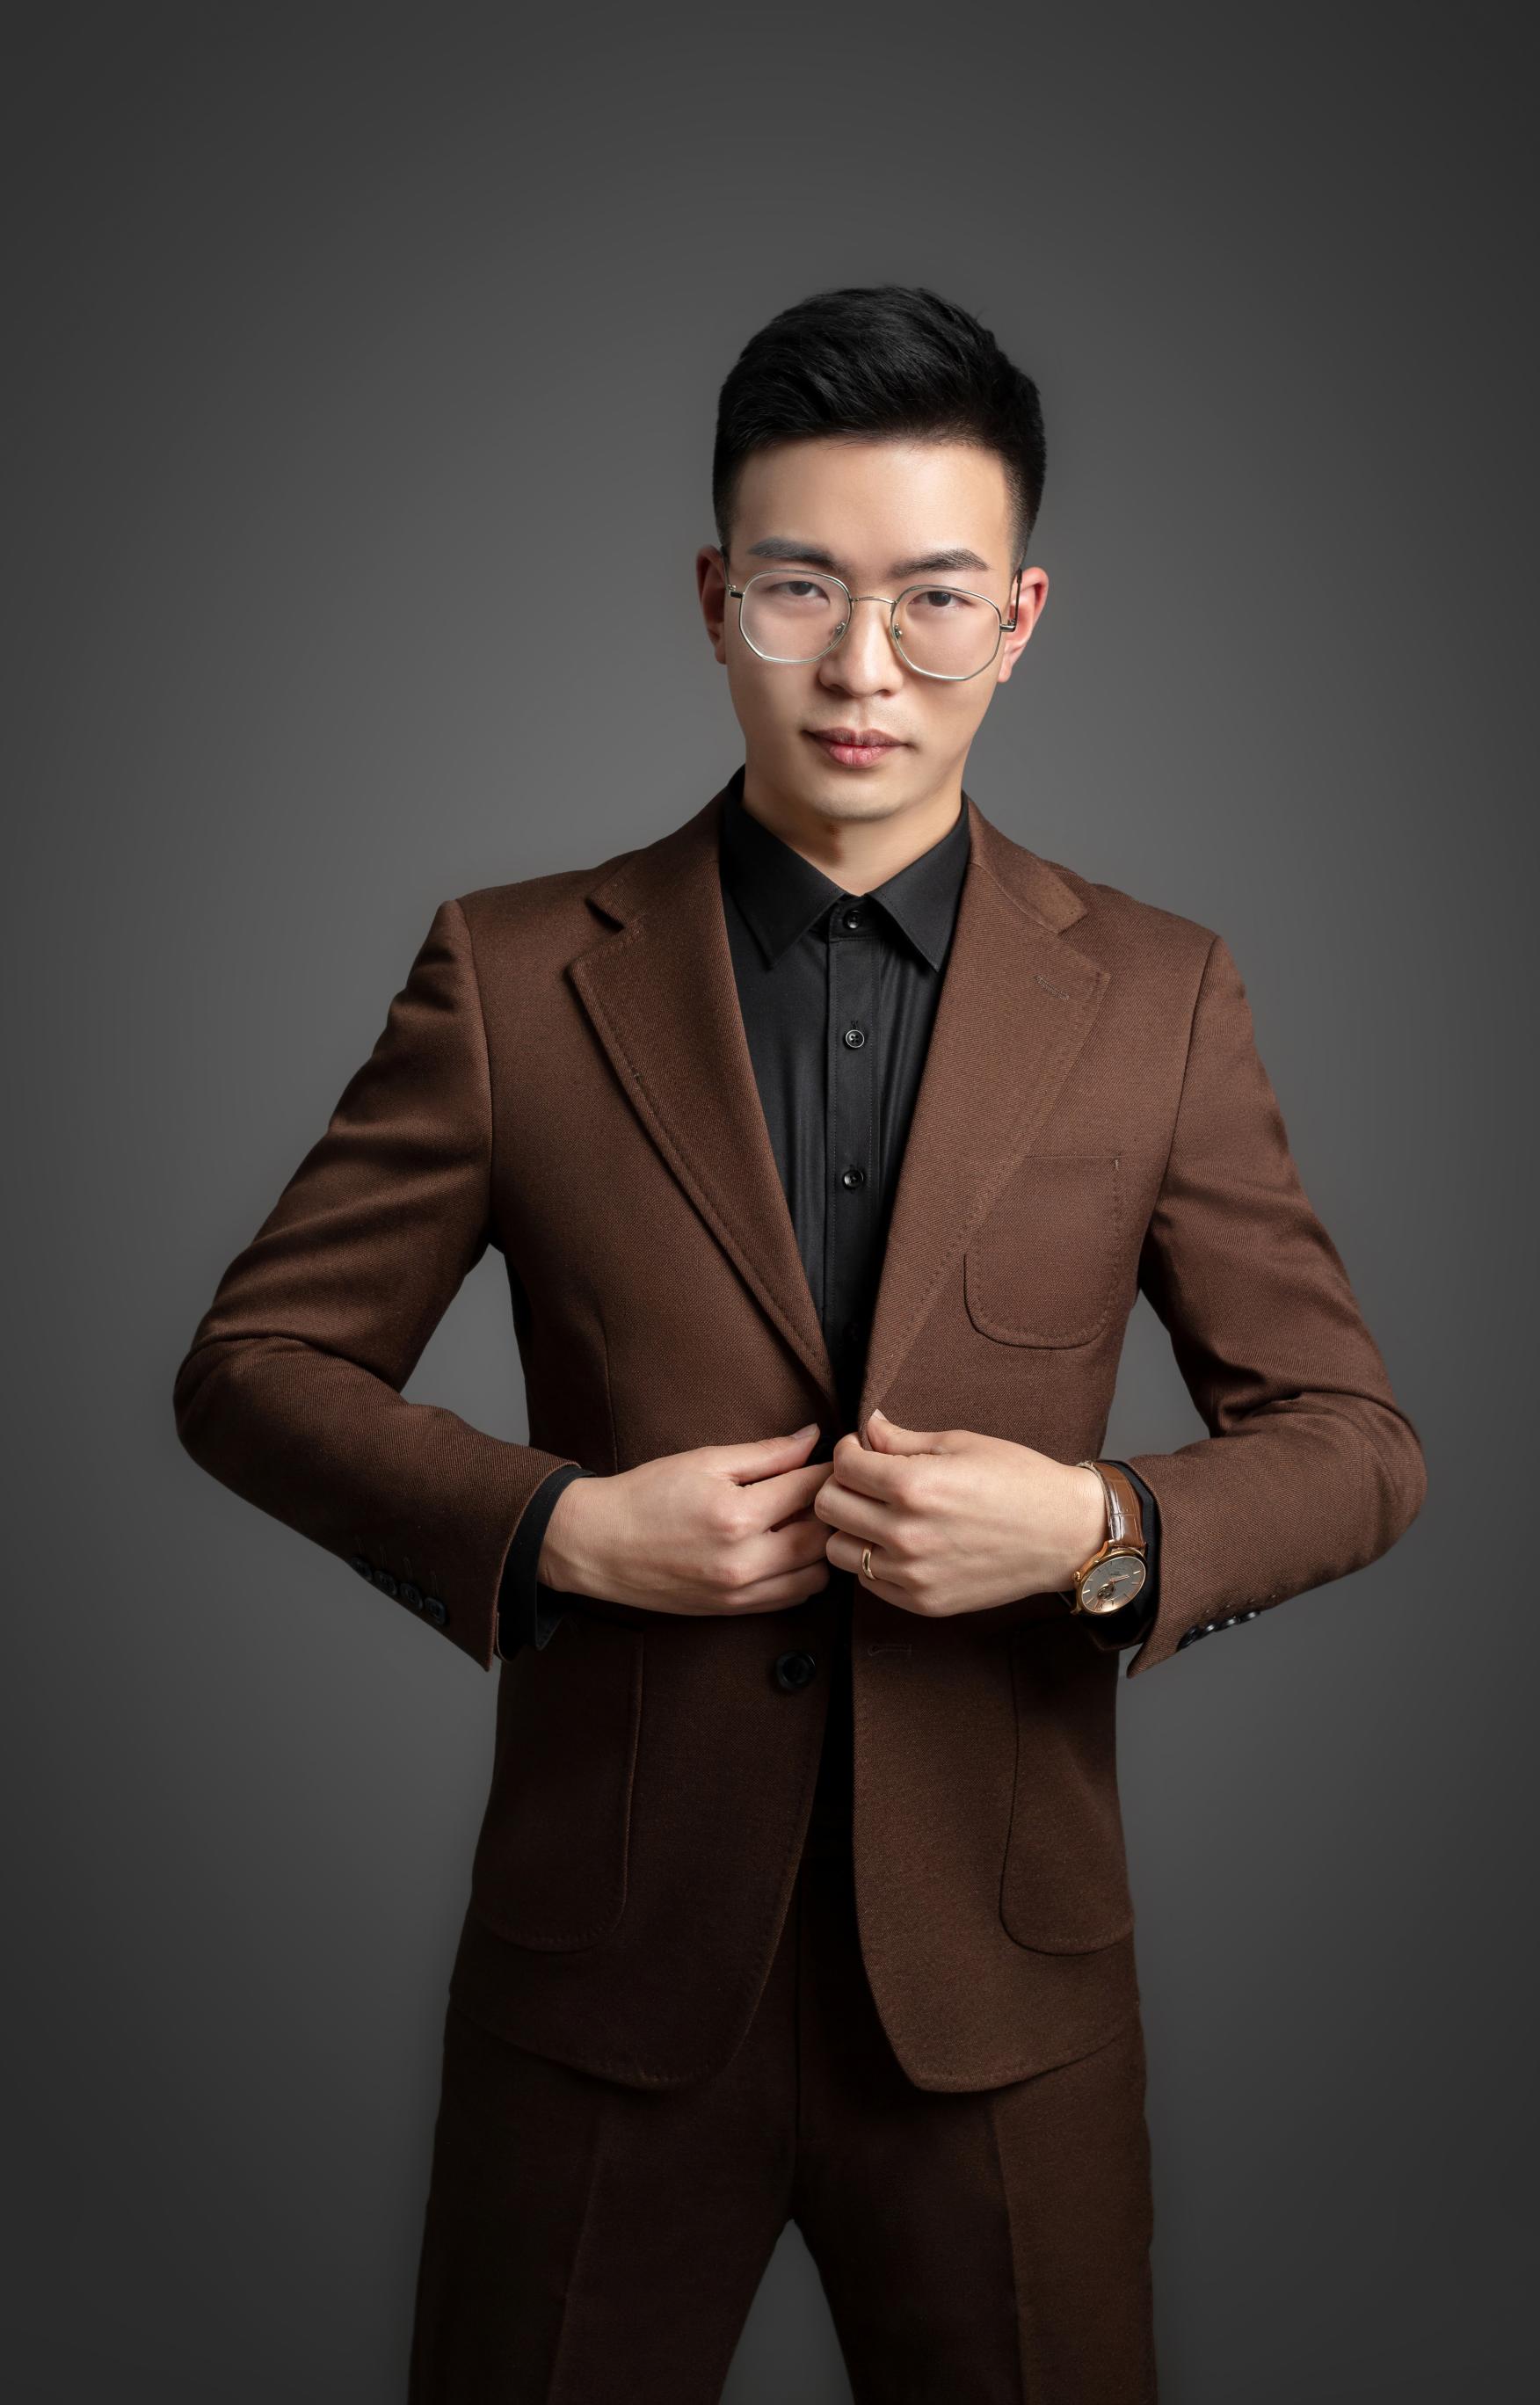 首席设计师- 刘欣朋